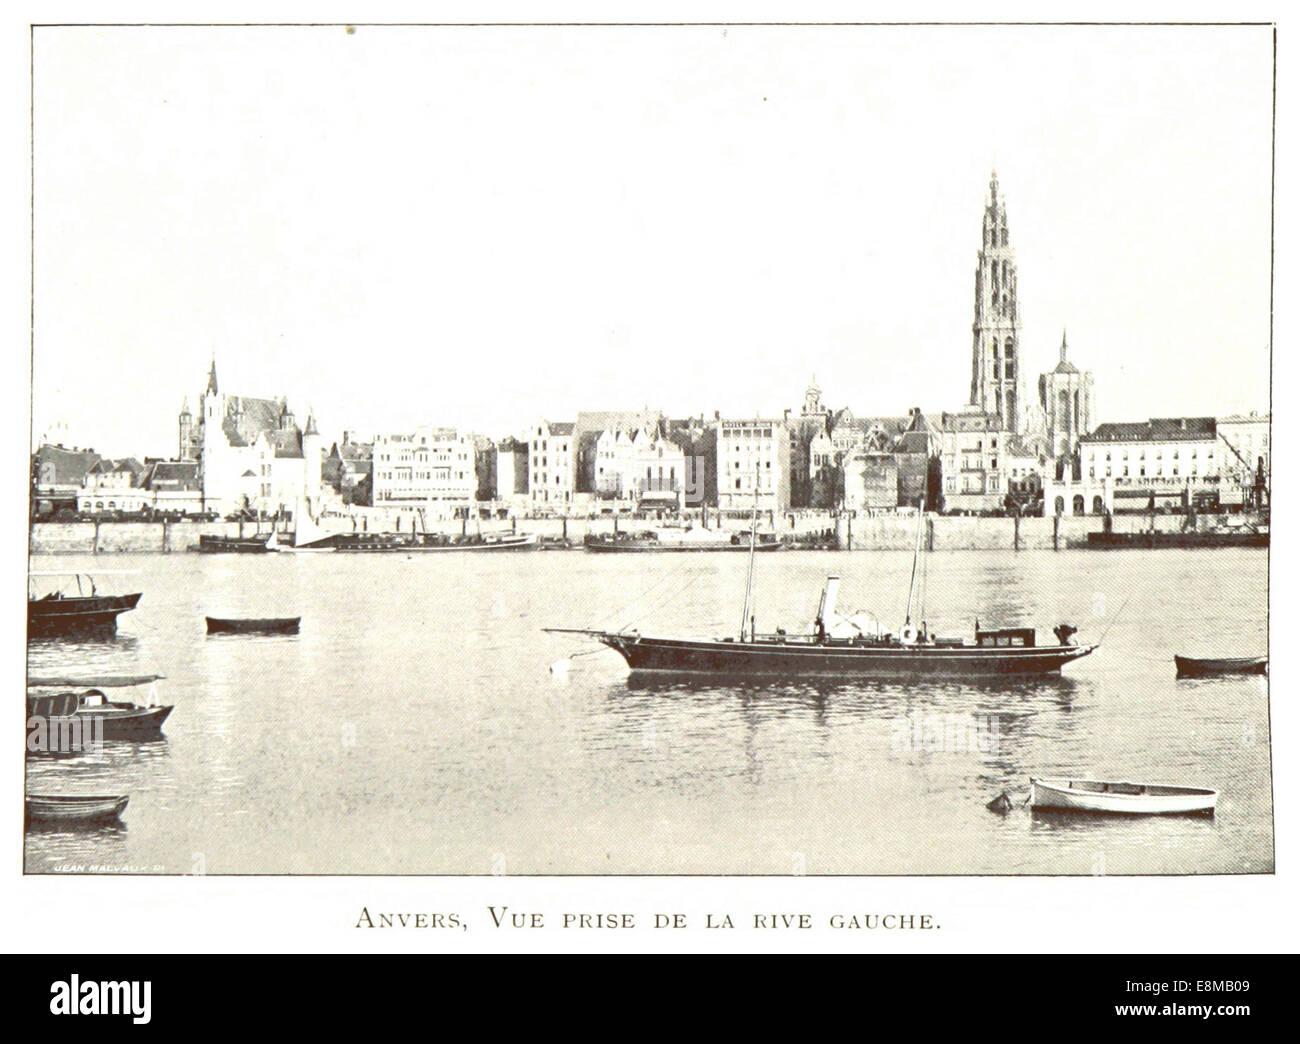 018 Anvers, vue prise de la rive gauche - Stock Image